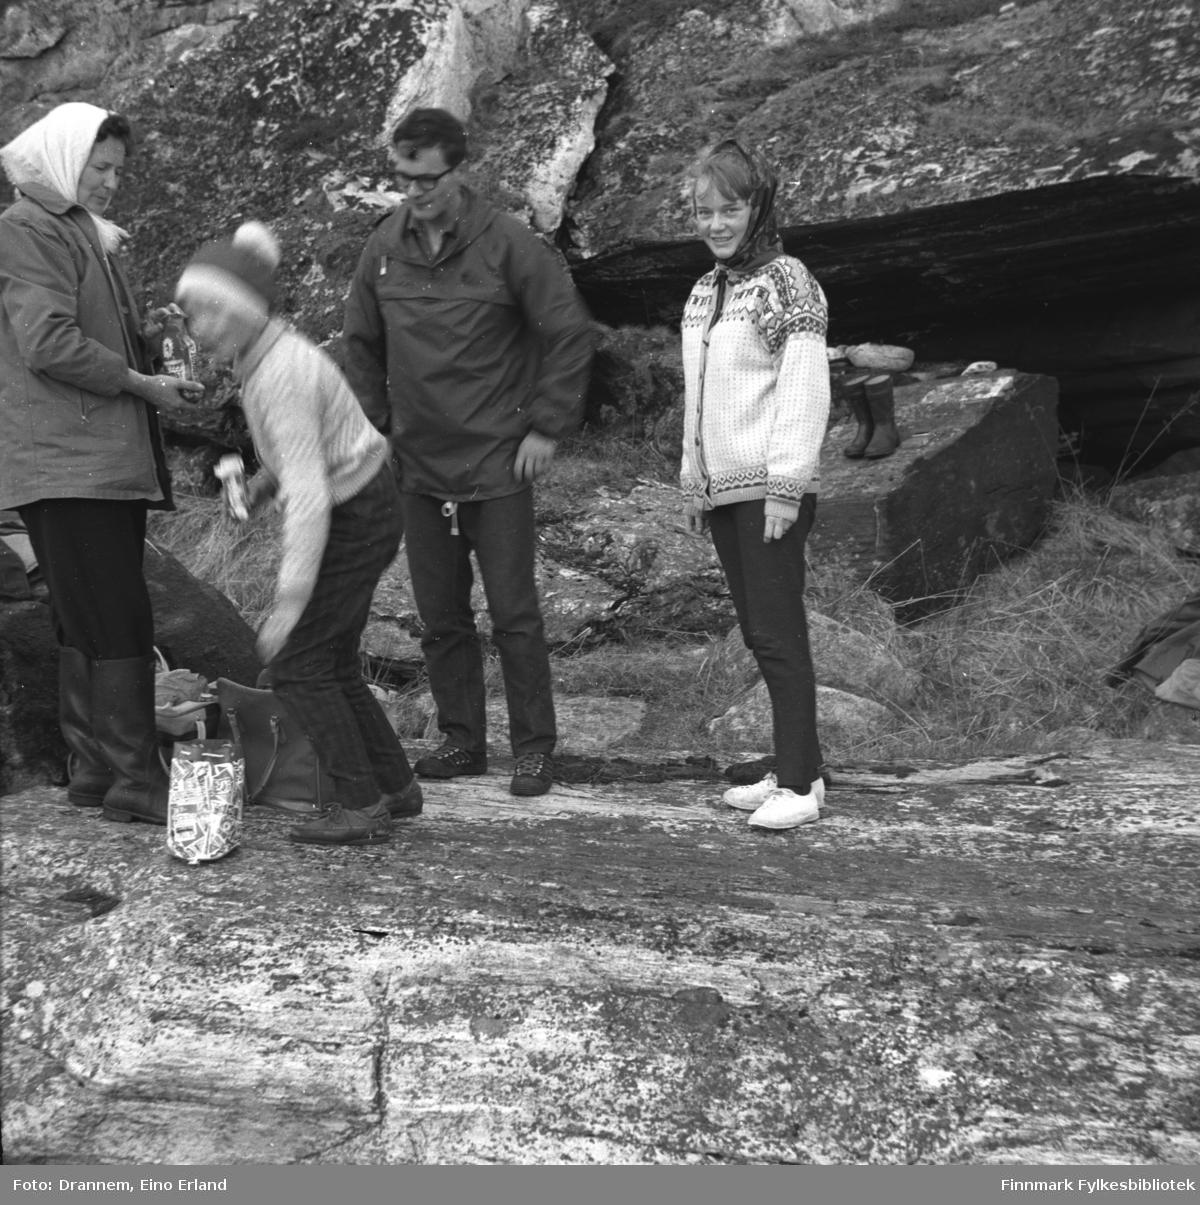 Noen personer på tur i terrenget rundt Hammerfest. De er ukjente, men mannen kan være Asbjørn Gabrielsen.